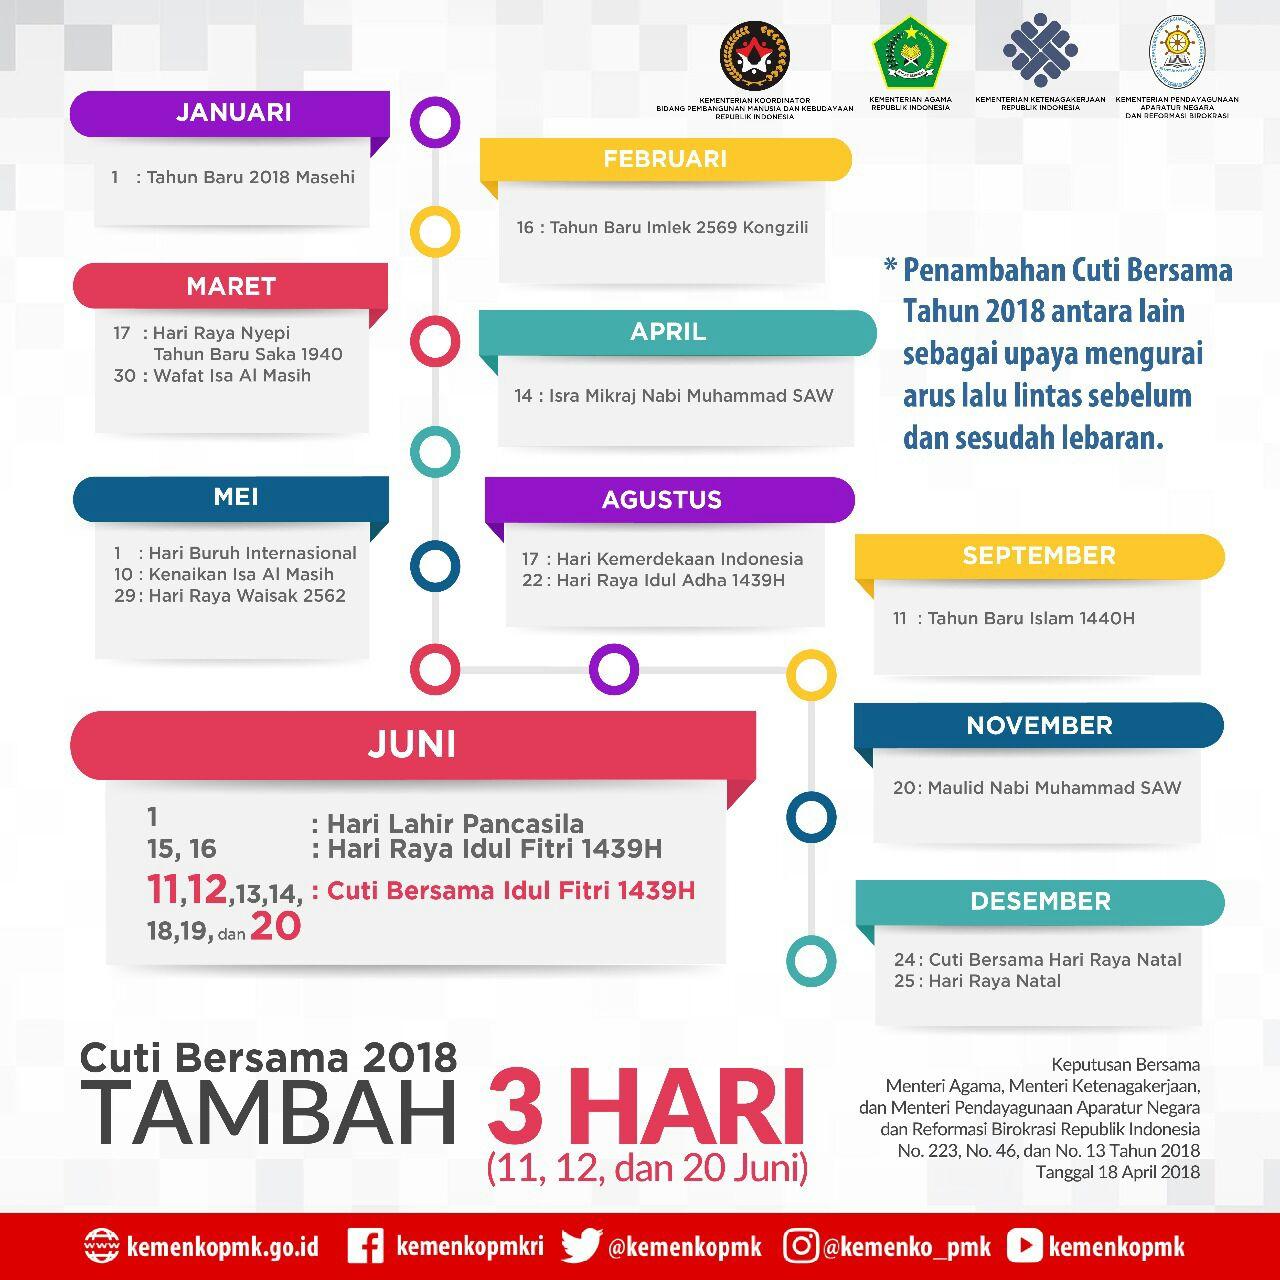 Pemerintah Putuskan Cuti Bersama Lebaran Ditambah Tiga Hari Produk Ukm Bumn Kain Batik Middle Premium 3 Bendera 01